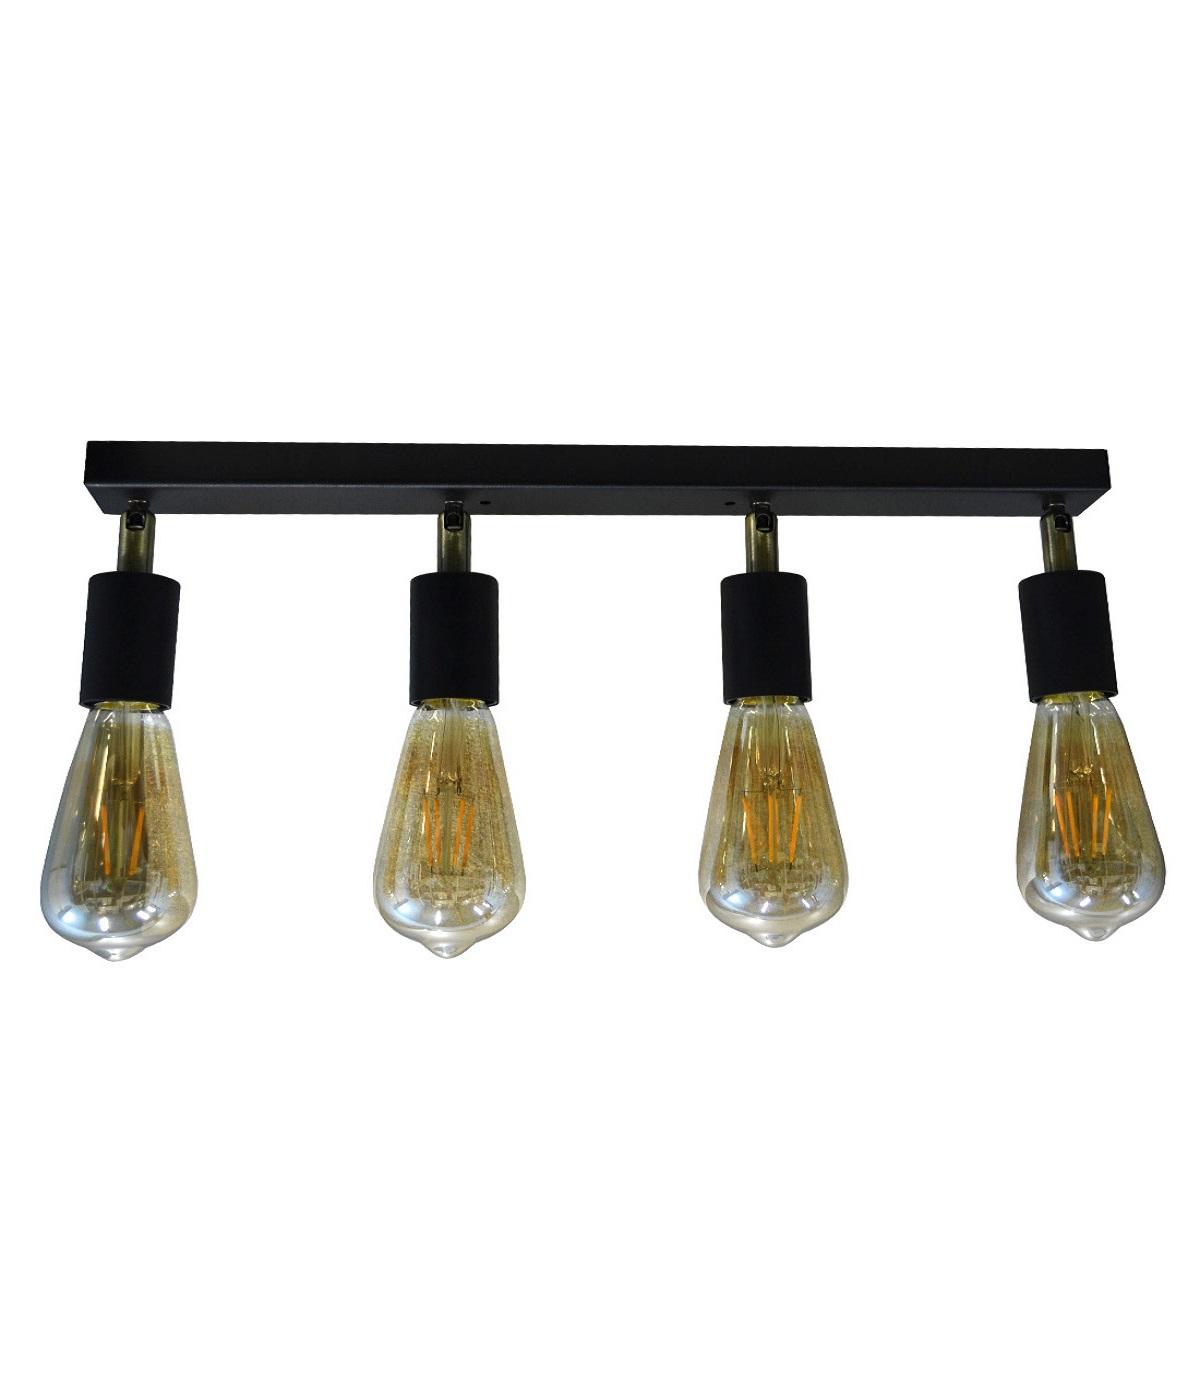 Светильники ЛОФТ - Люстра лофт потолочная с поворотным плафоном 000002780 - Фото 2